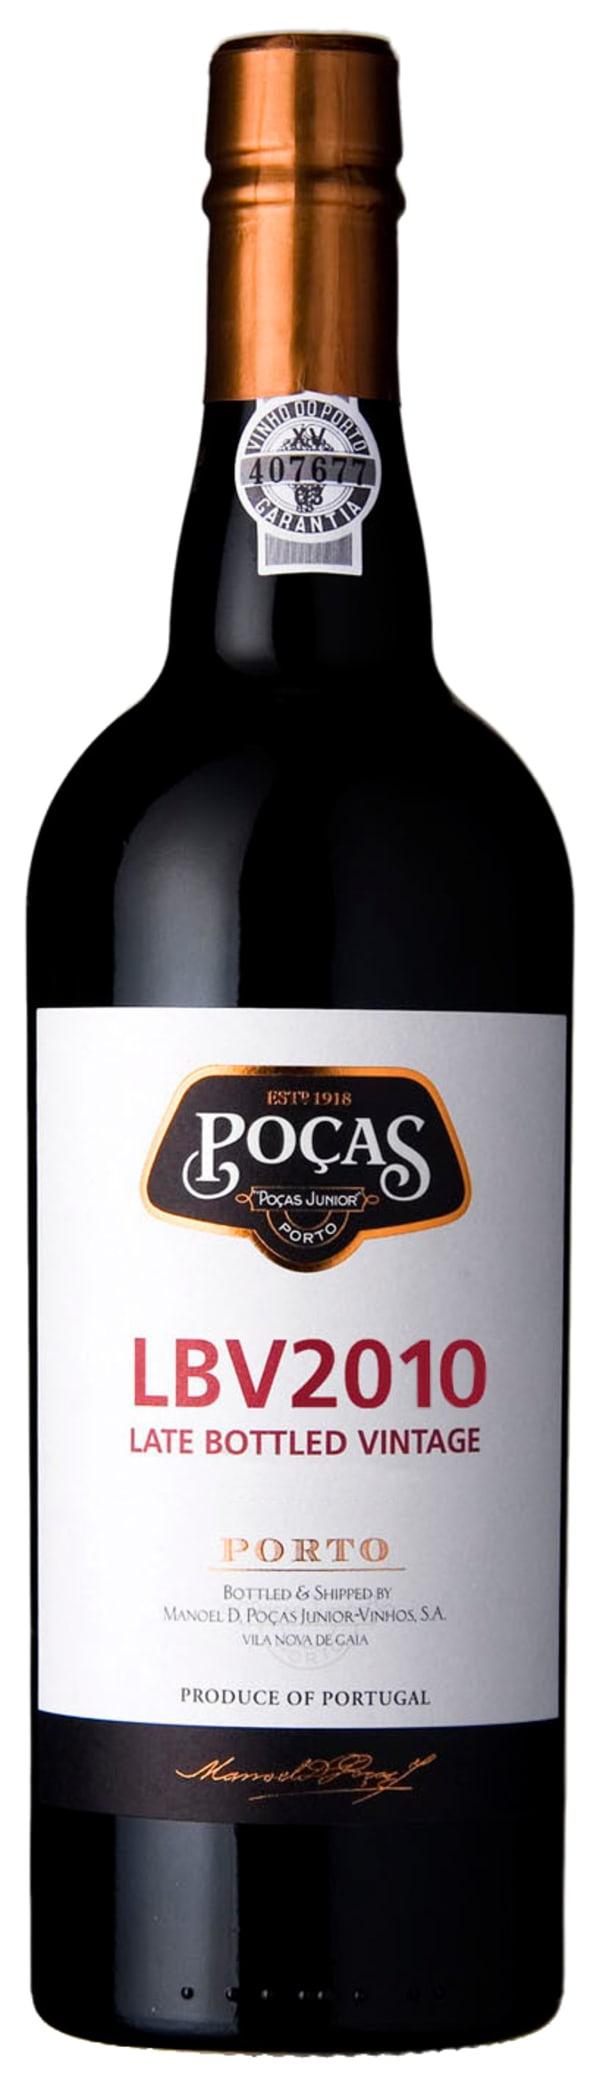 Poças Late Bottled Vintage Port 2011